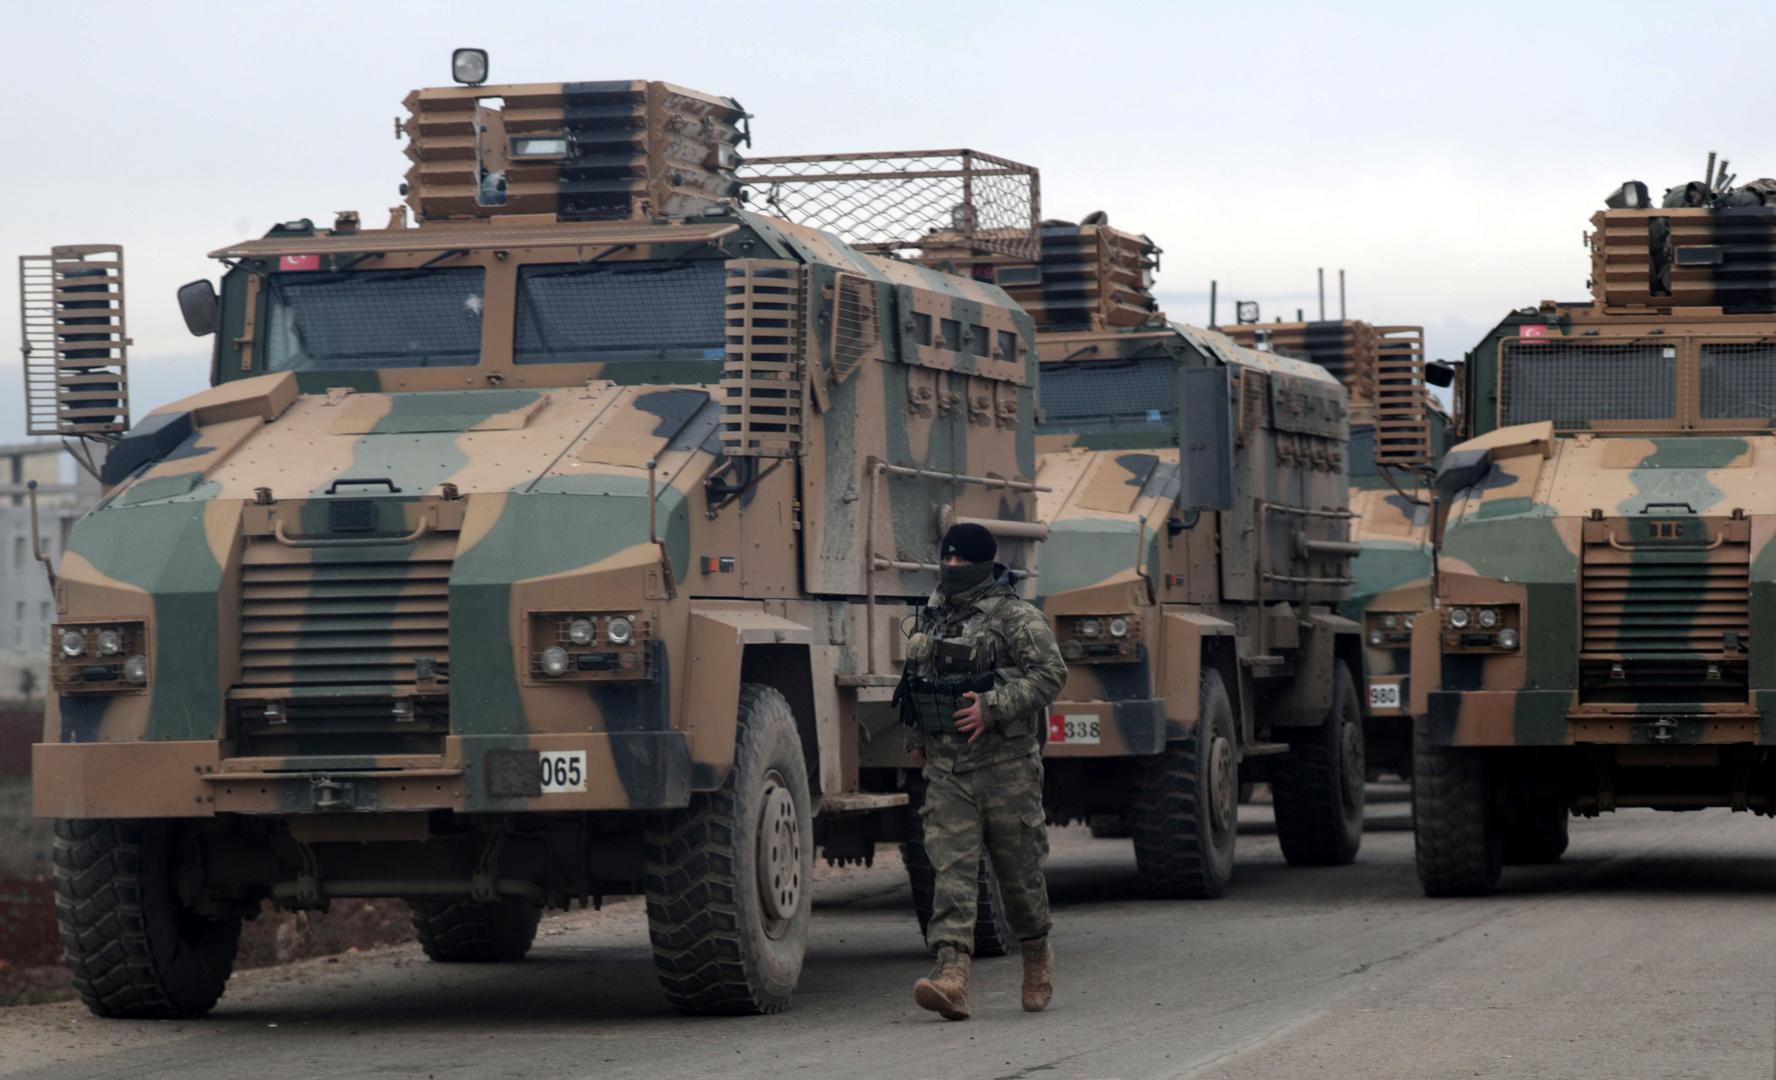 أنقرة تعلن مقتل 29 جنديا تركيا بغارة جوية سورية في إدلب